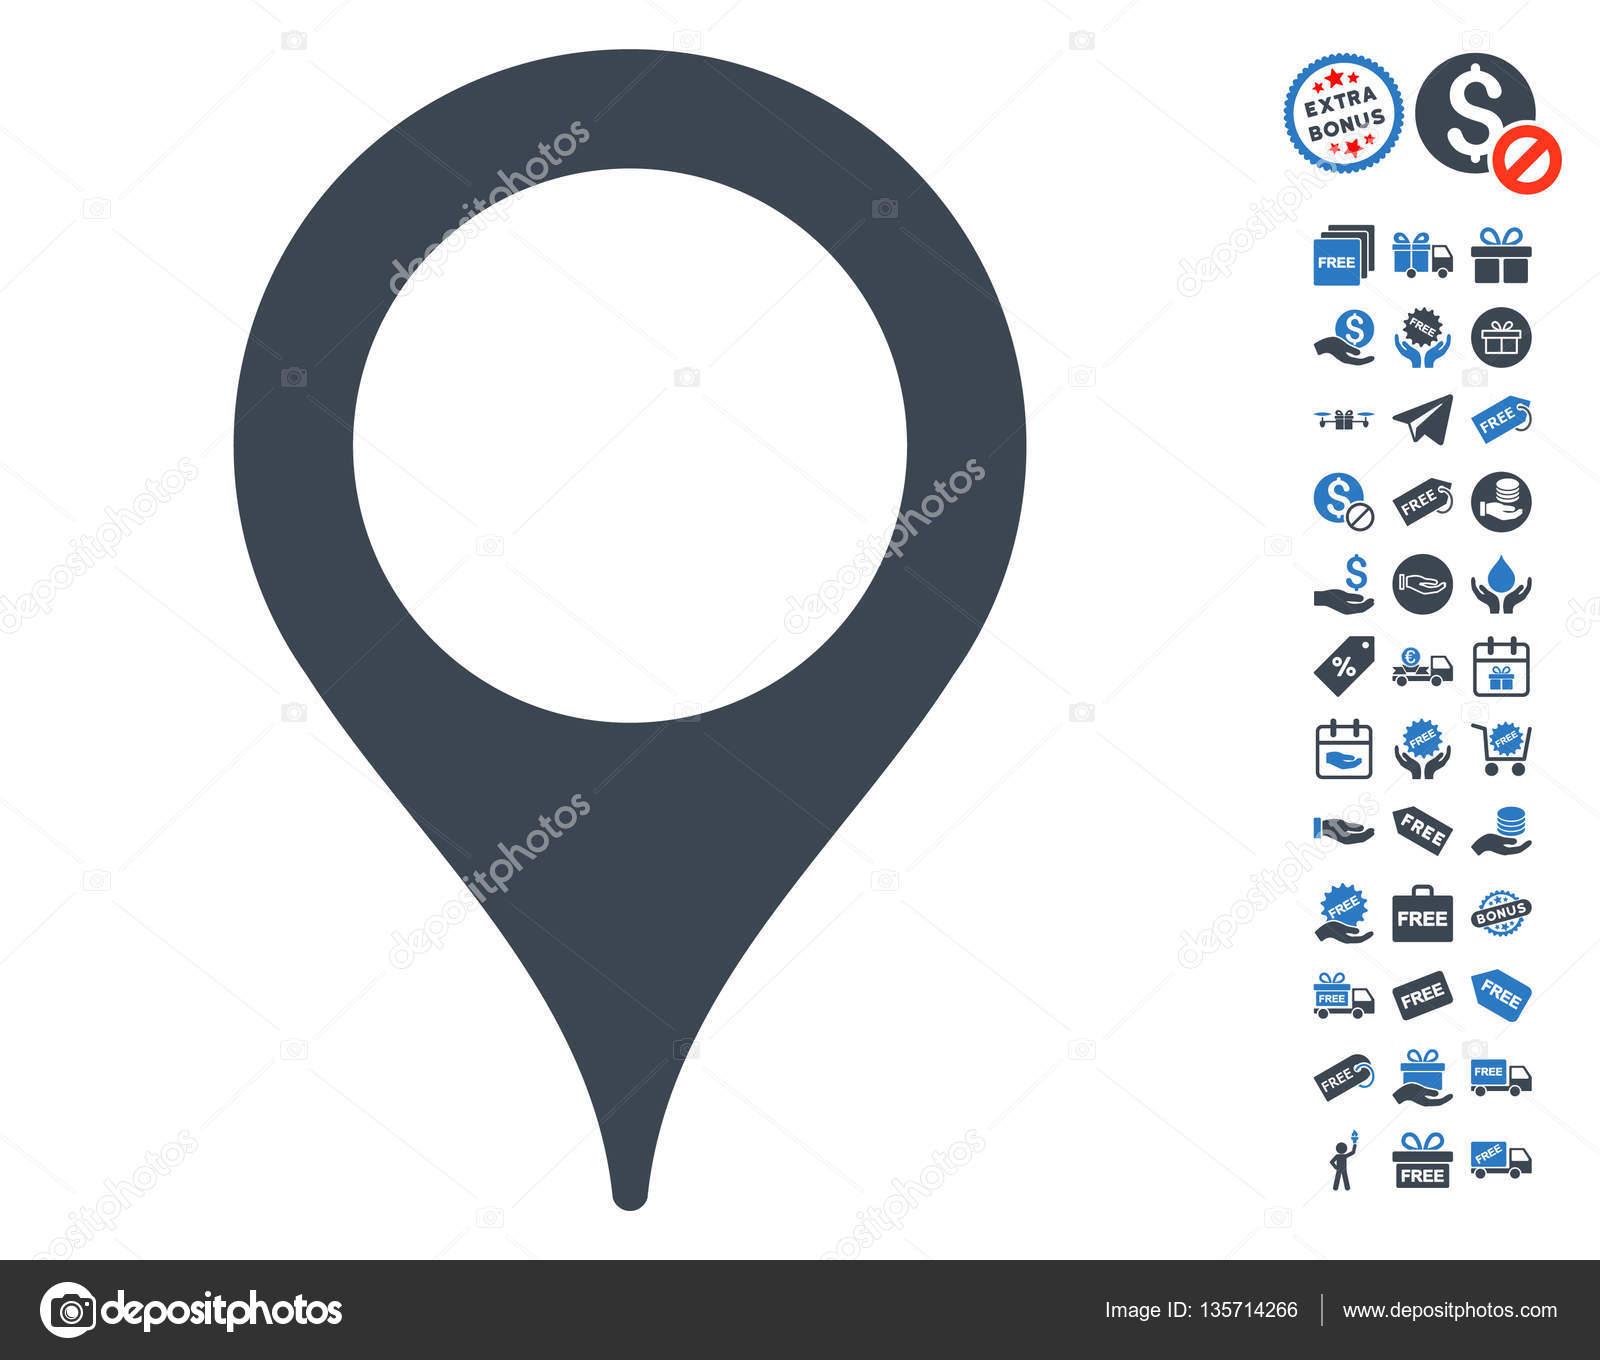 Carte Pointeur Icone Avec Bonus Gratuit Image Vectorielle Ahasoft C 135714266